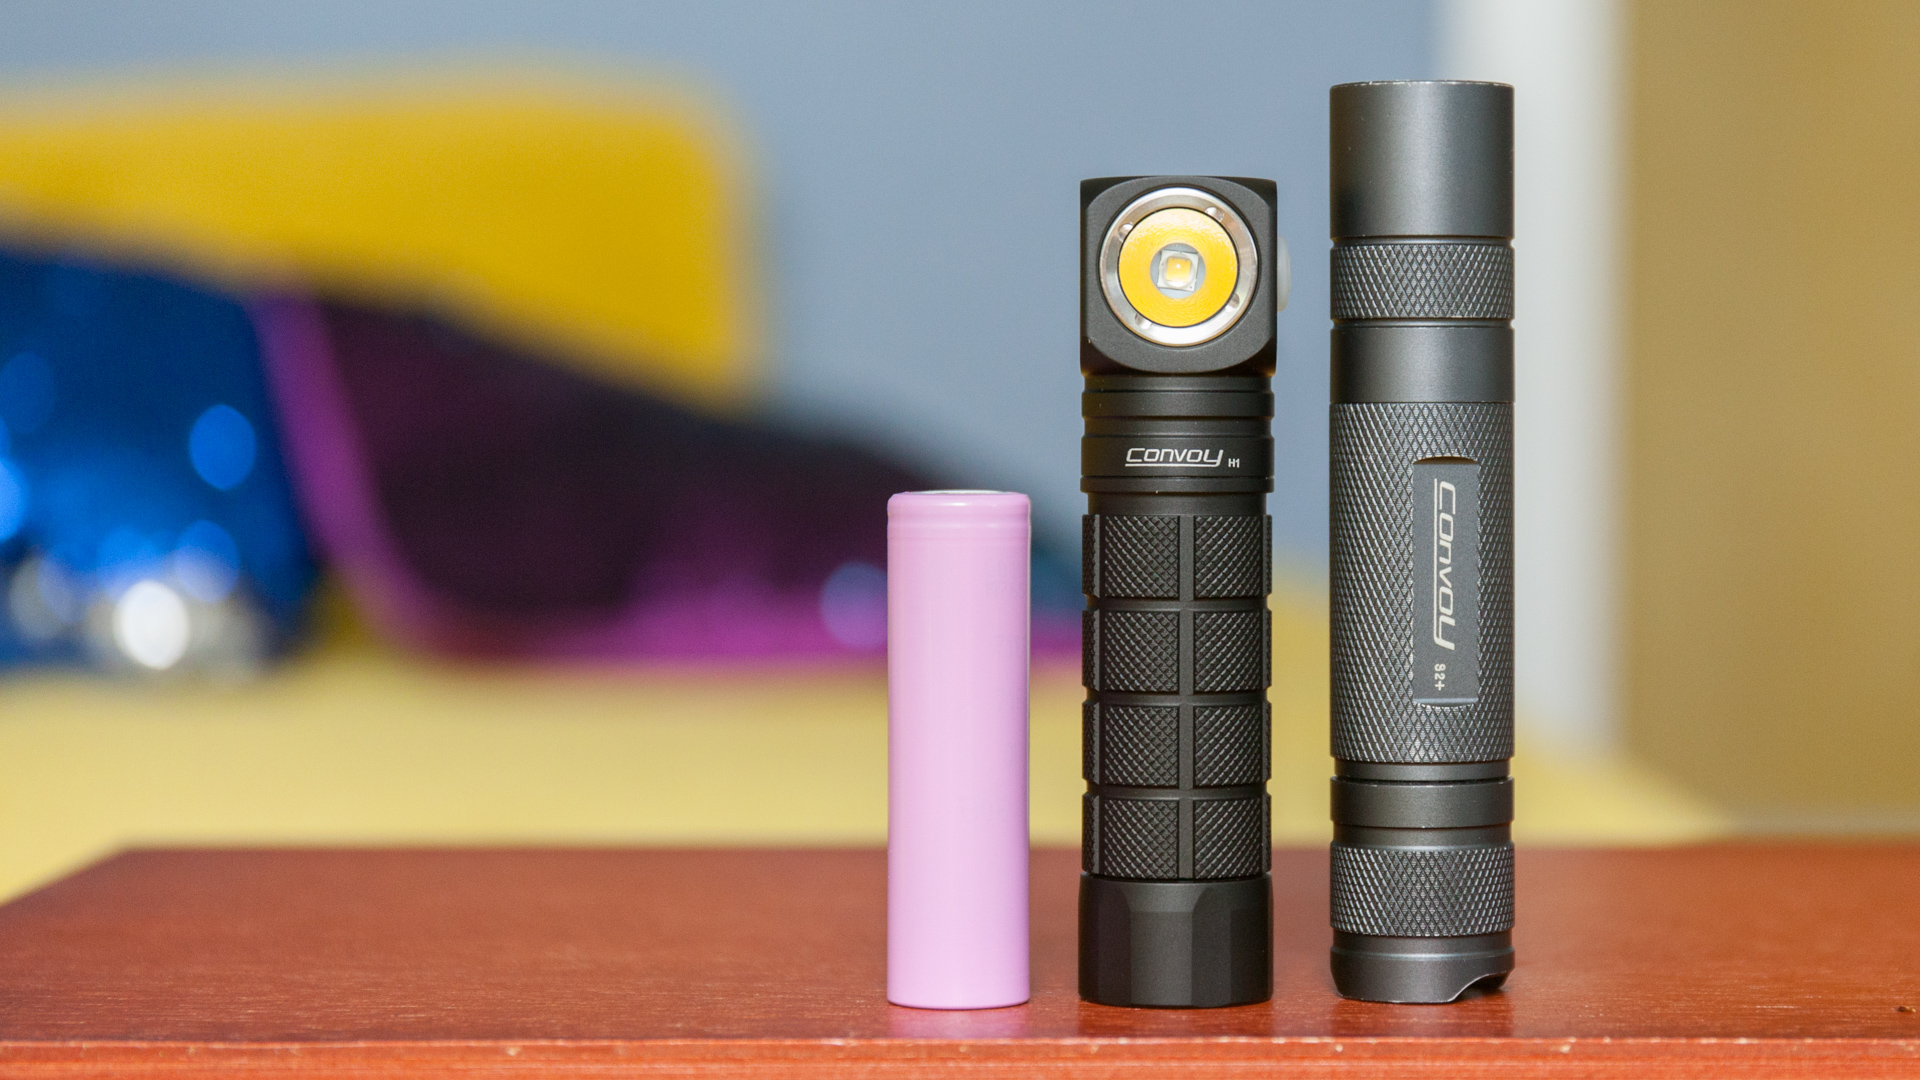 Лучшие налобные фонари: рейтинг производителей самых качественных в мире фонарей. Как выбрать фонарь для рыбалки и охоты?